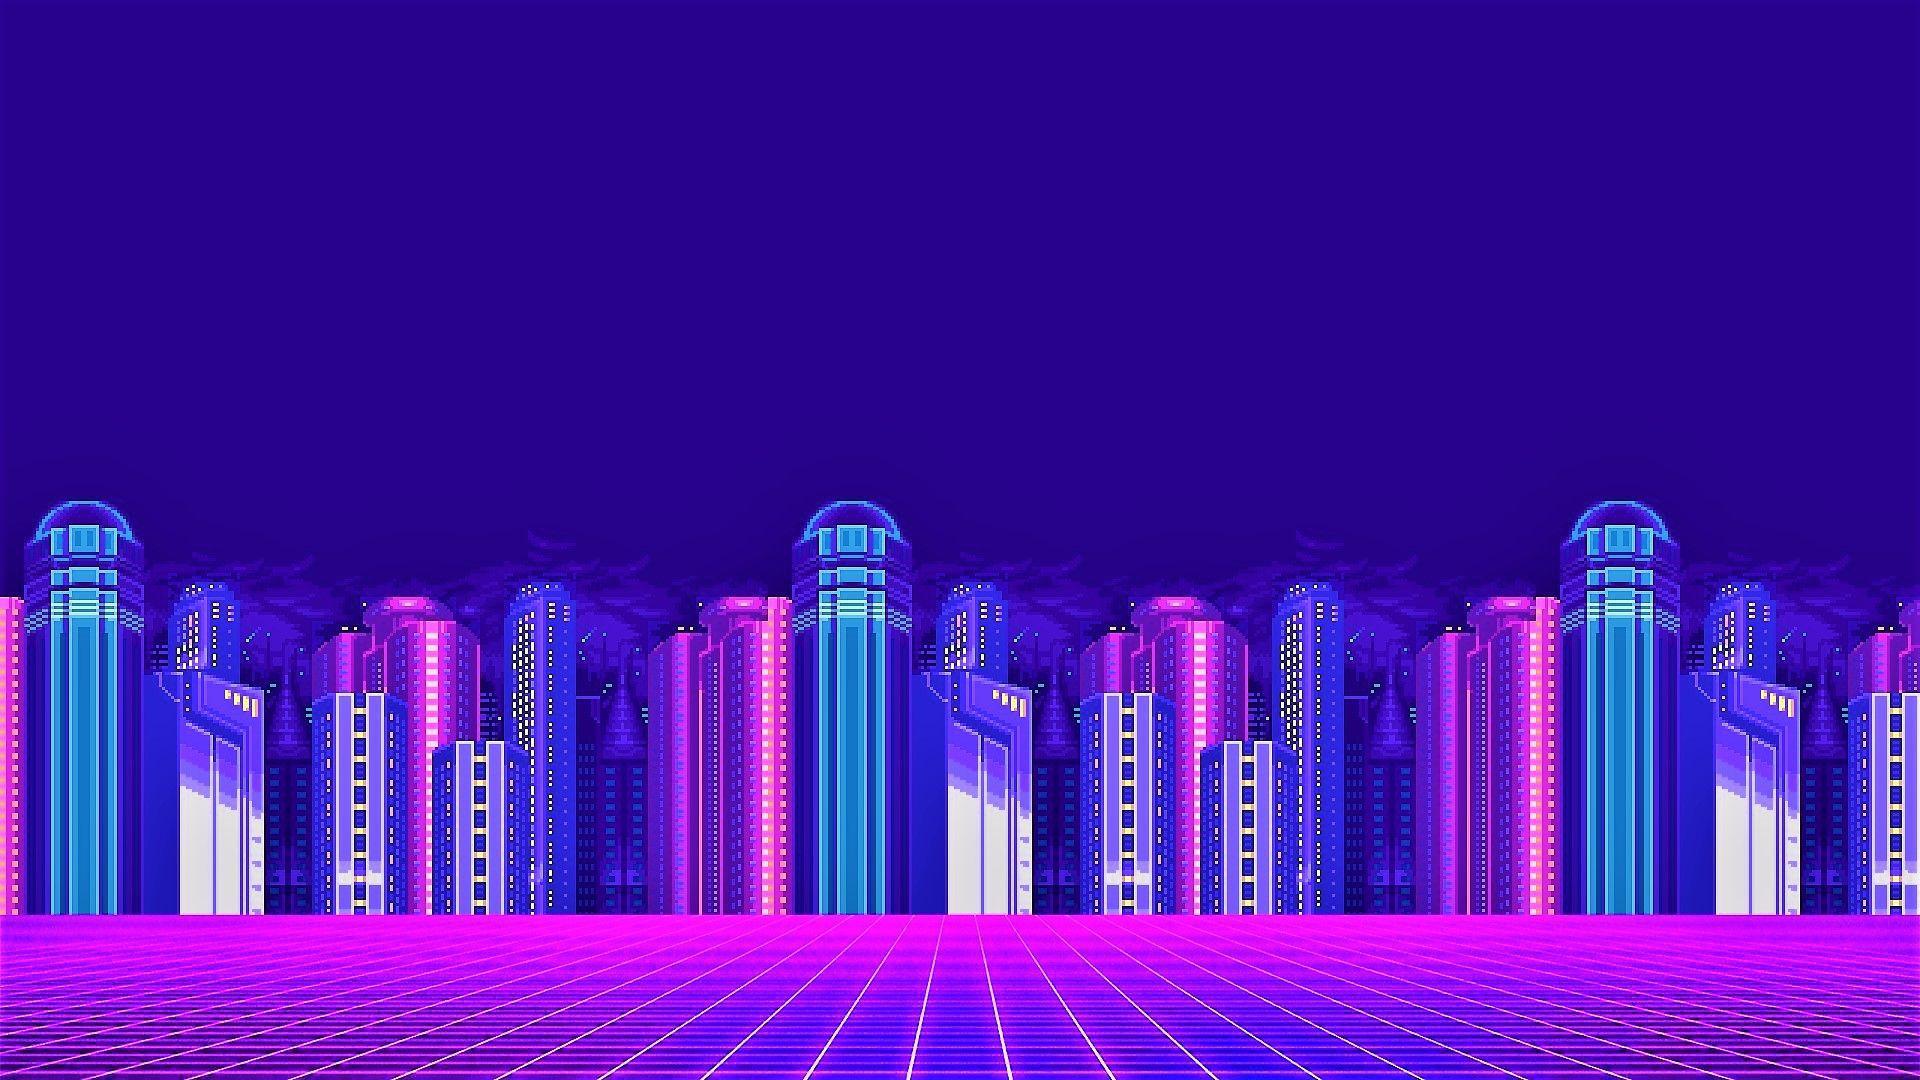 Neon City Vaporwave Wallpapers Top Free Neon City Vaporwave